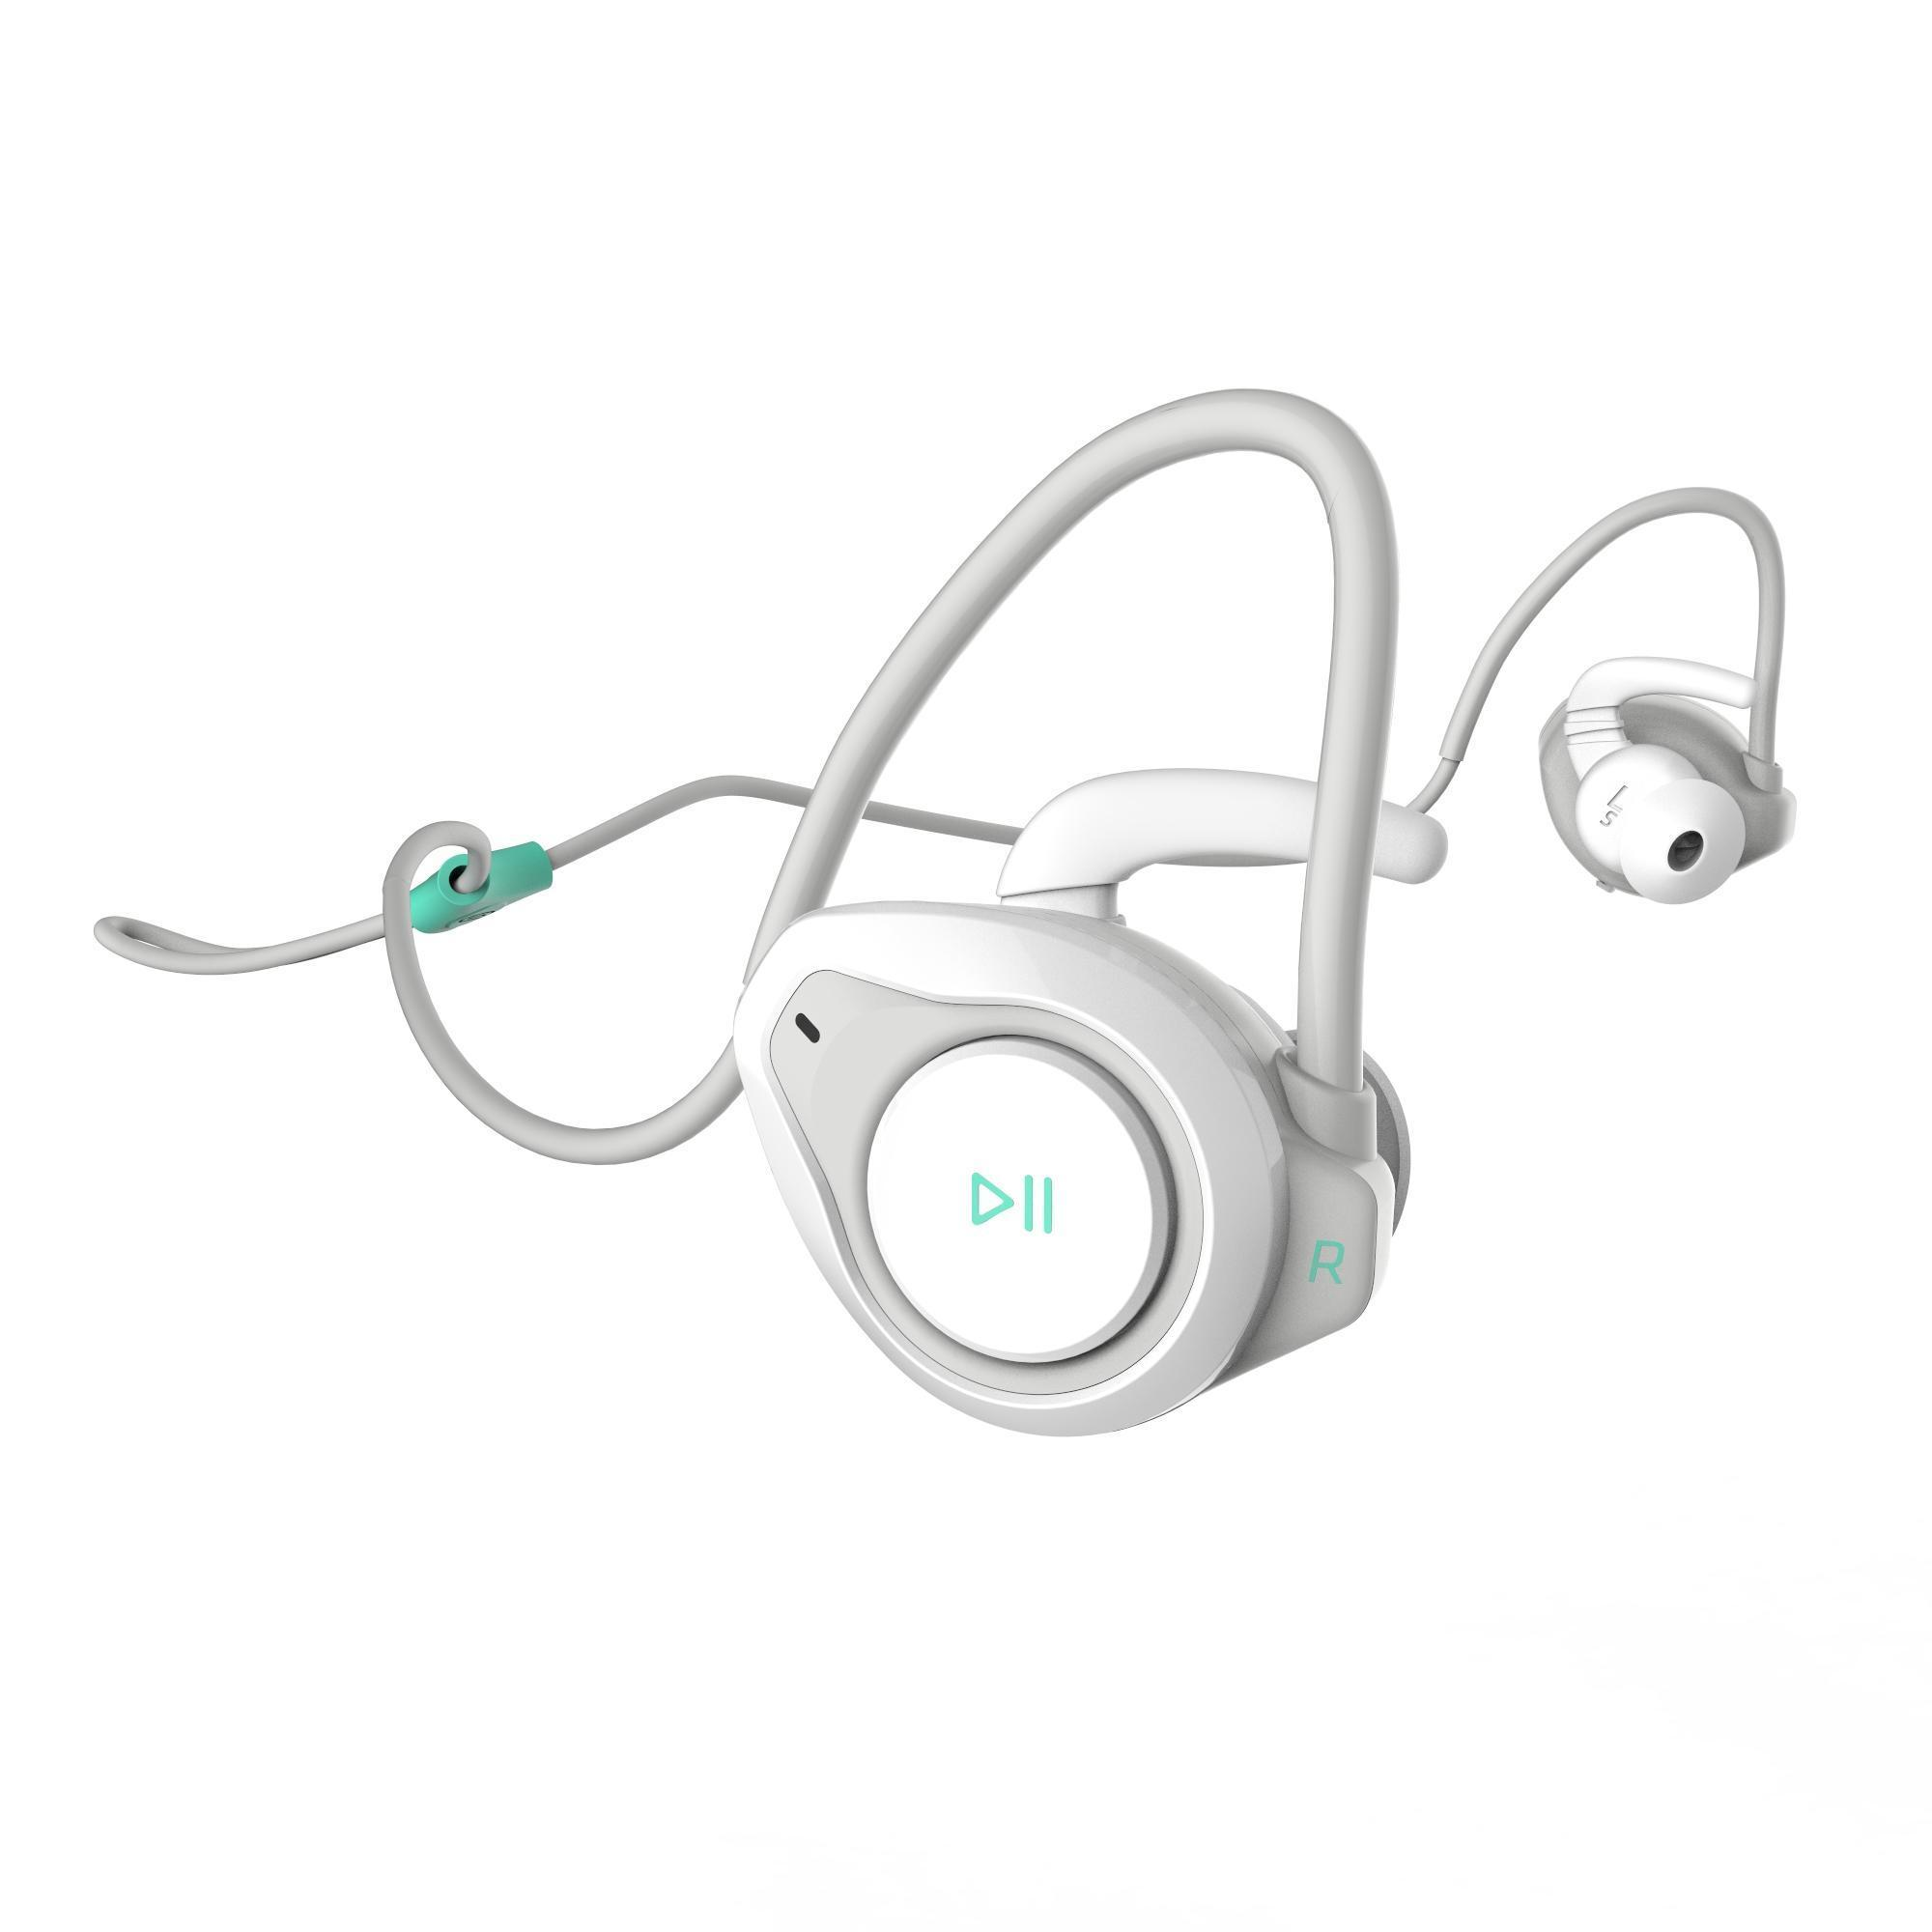 Ecouteurs Running sans fil ONear 500 Bluetooth